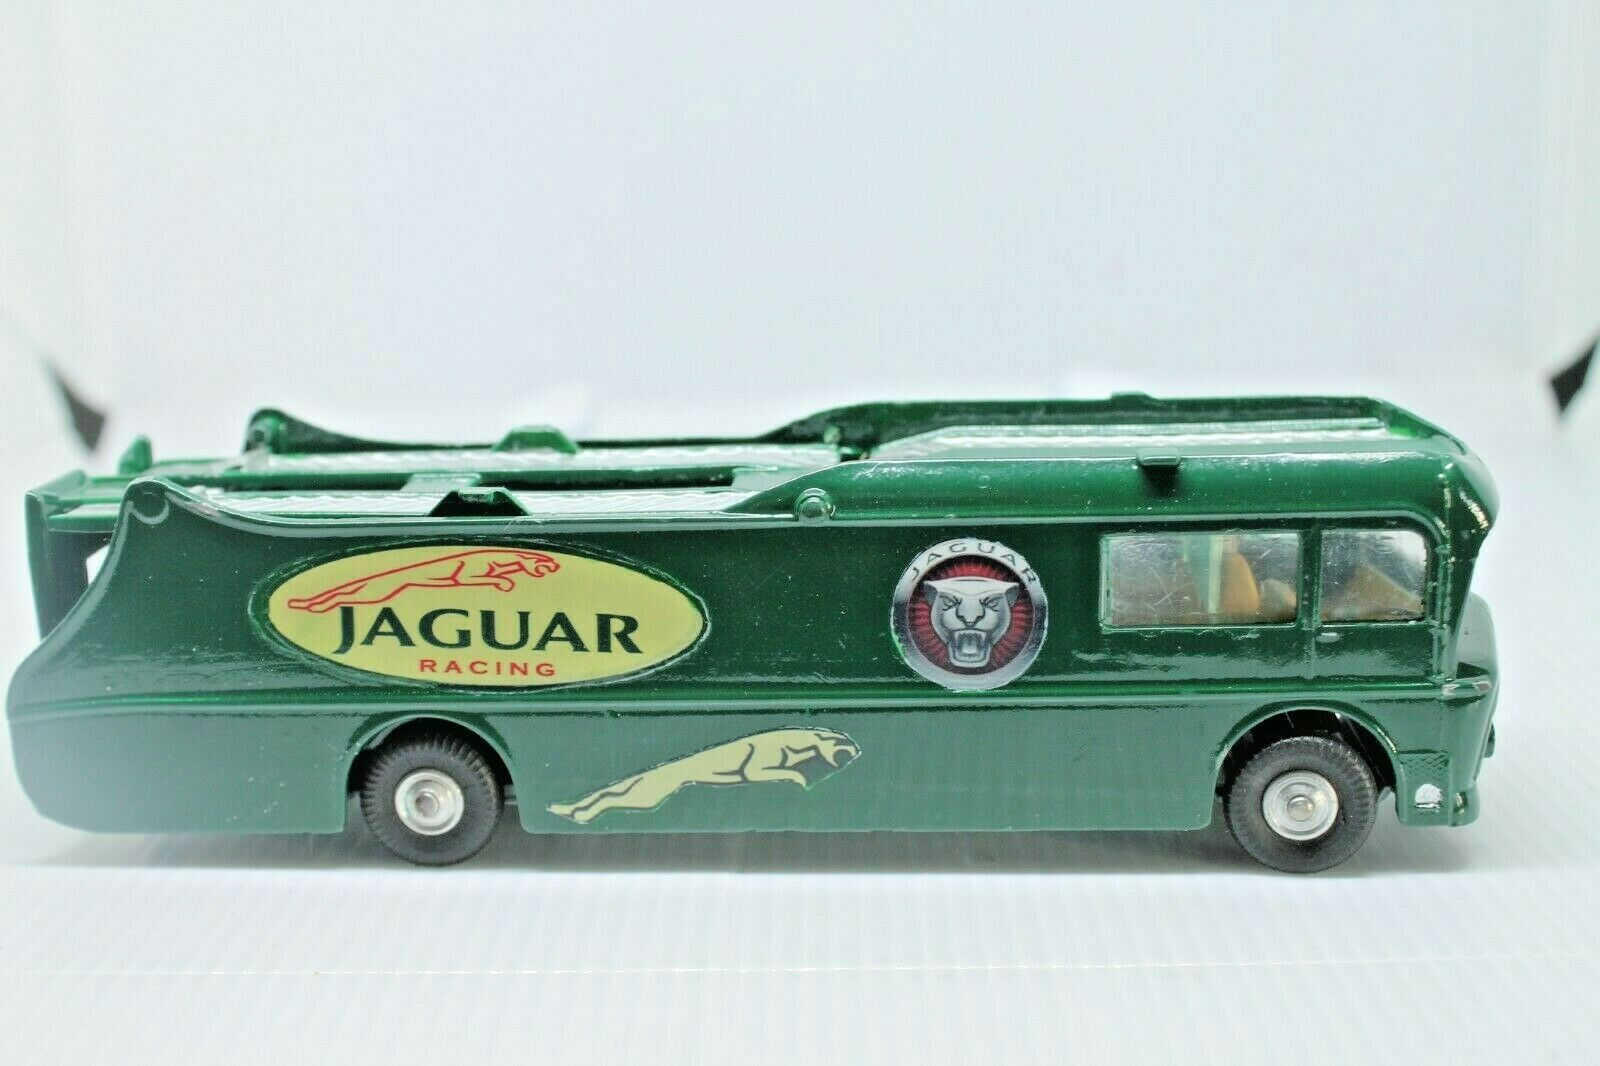 Corgi toys 1126  Ecurie Ecosse Racing Car transportador jaguar   OVP  código 3